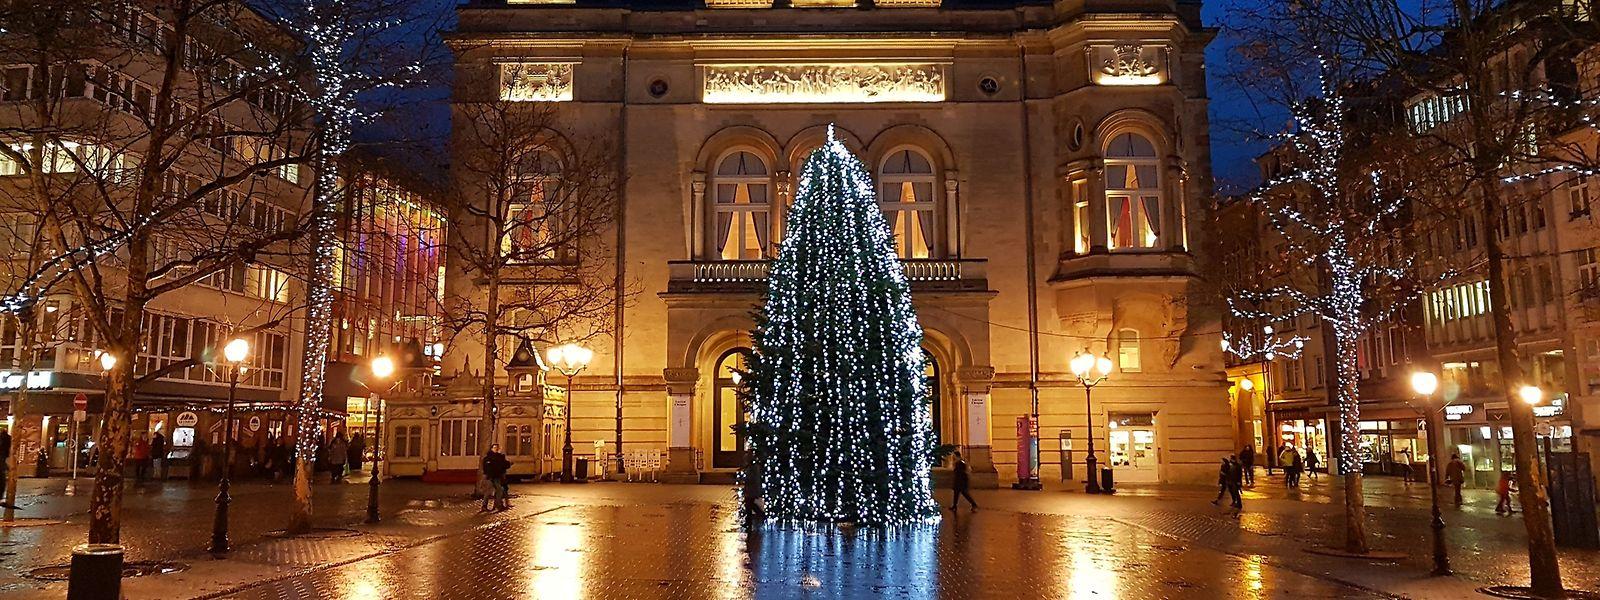 Au total, près de 707.000 lucioles et ampoules LED et à basse consommation d'énergie plongeront la capitale dans une atmosphère chaleureuse et conviviale de Noël.